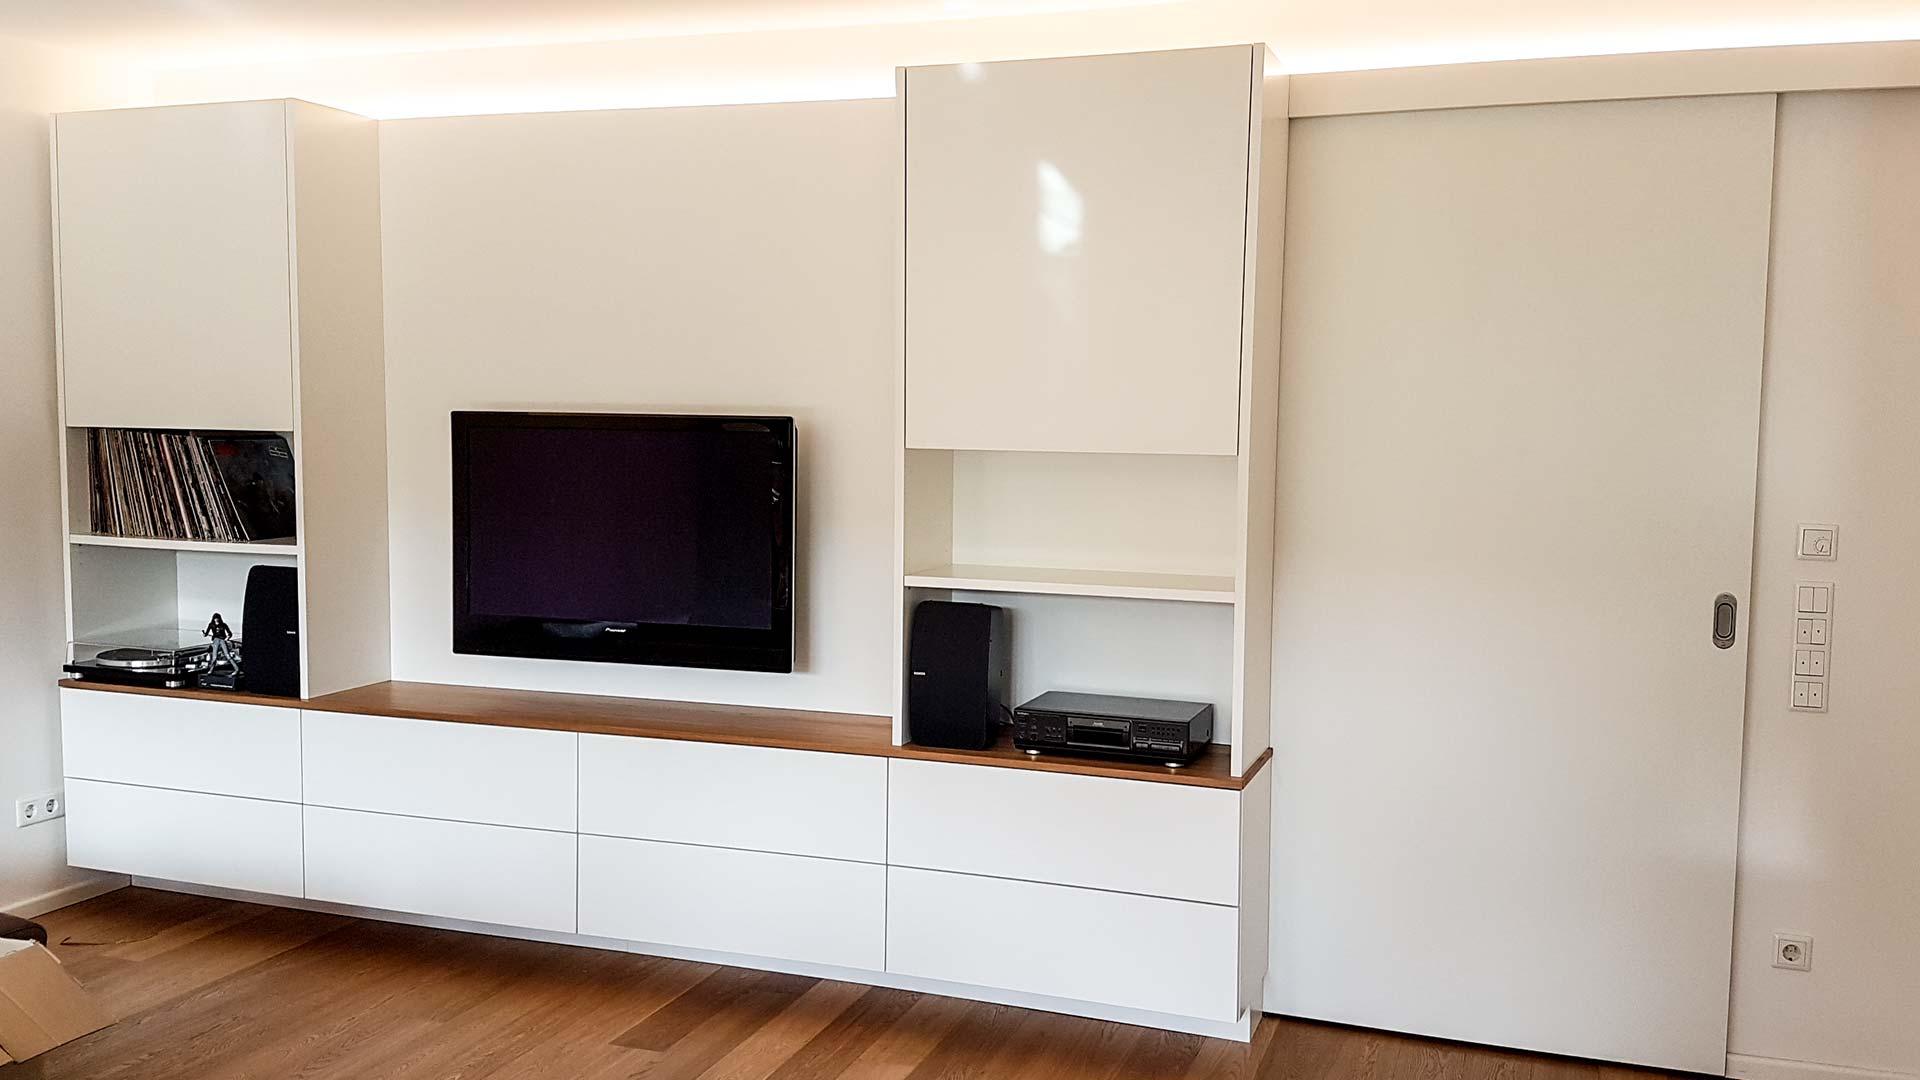 Die Wohnwand mit integrierter Beleuchtung wird zum Mittelpunkt des Wohnzimmers